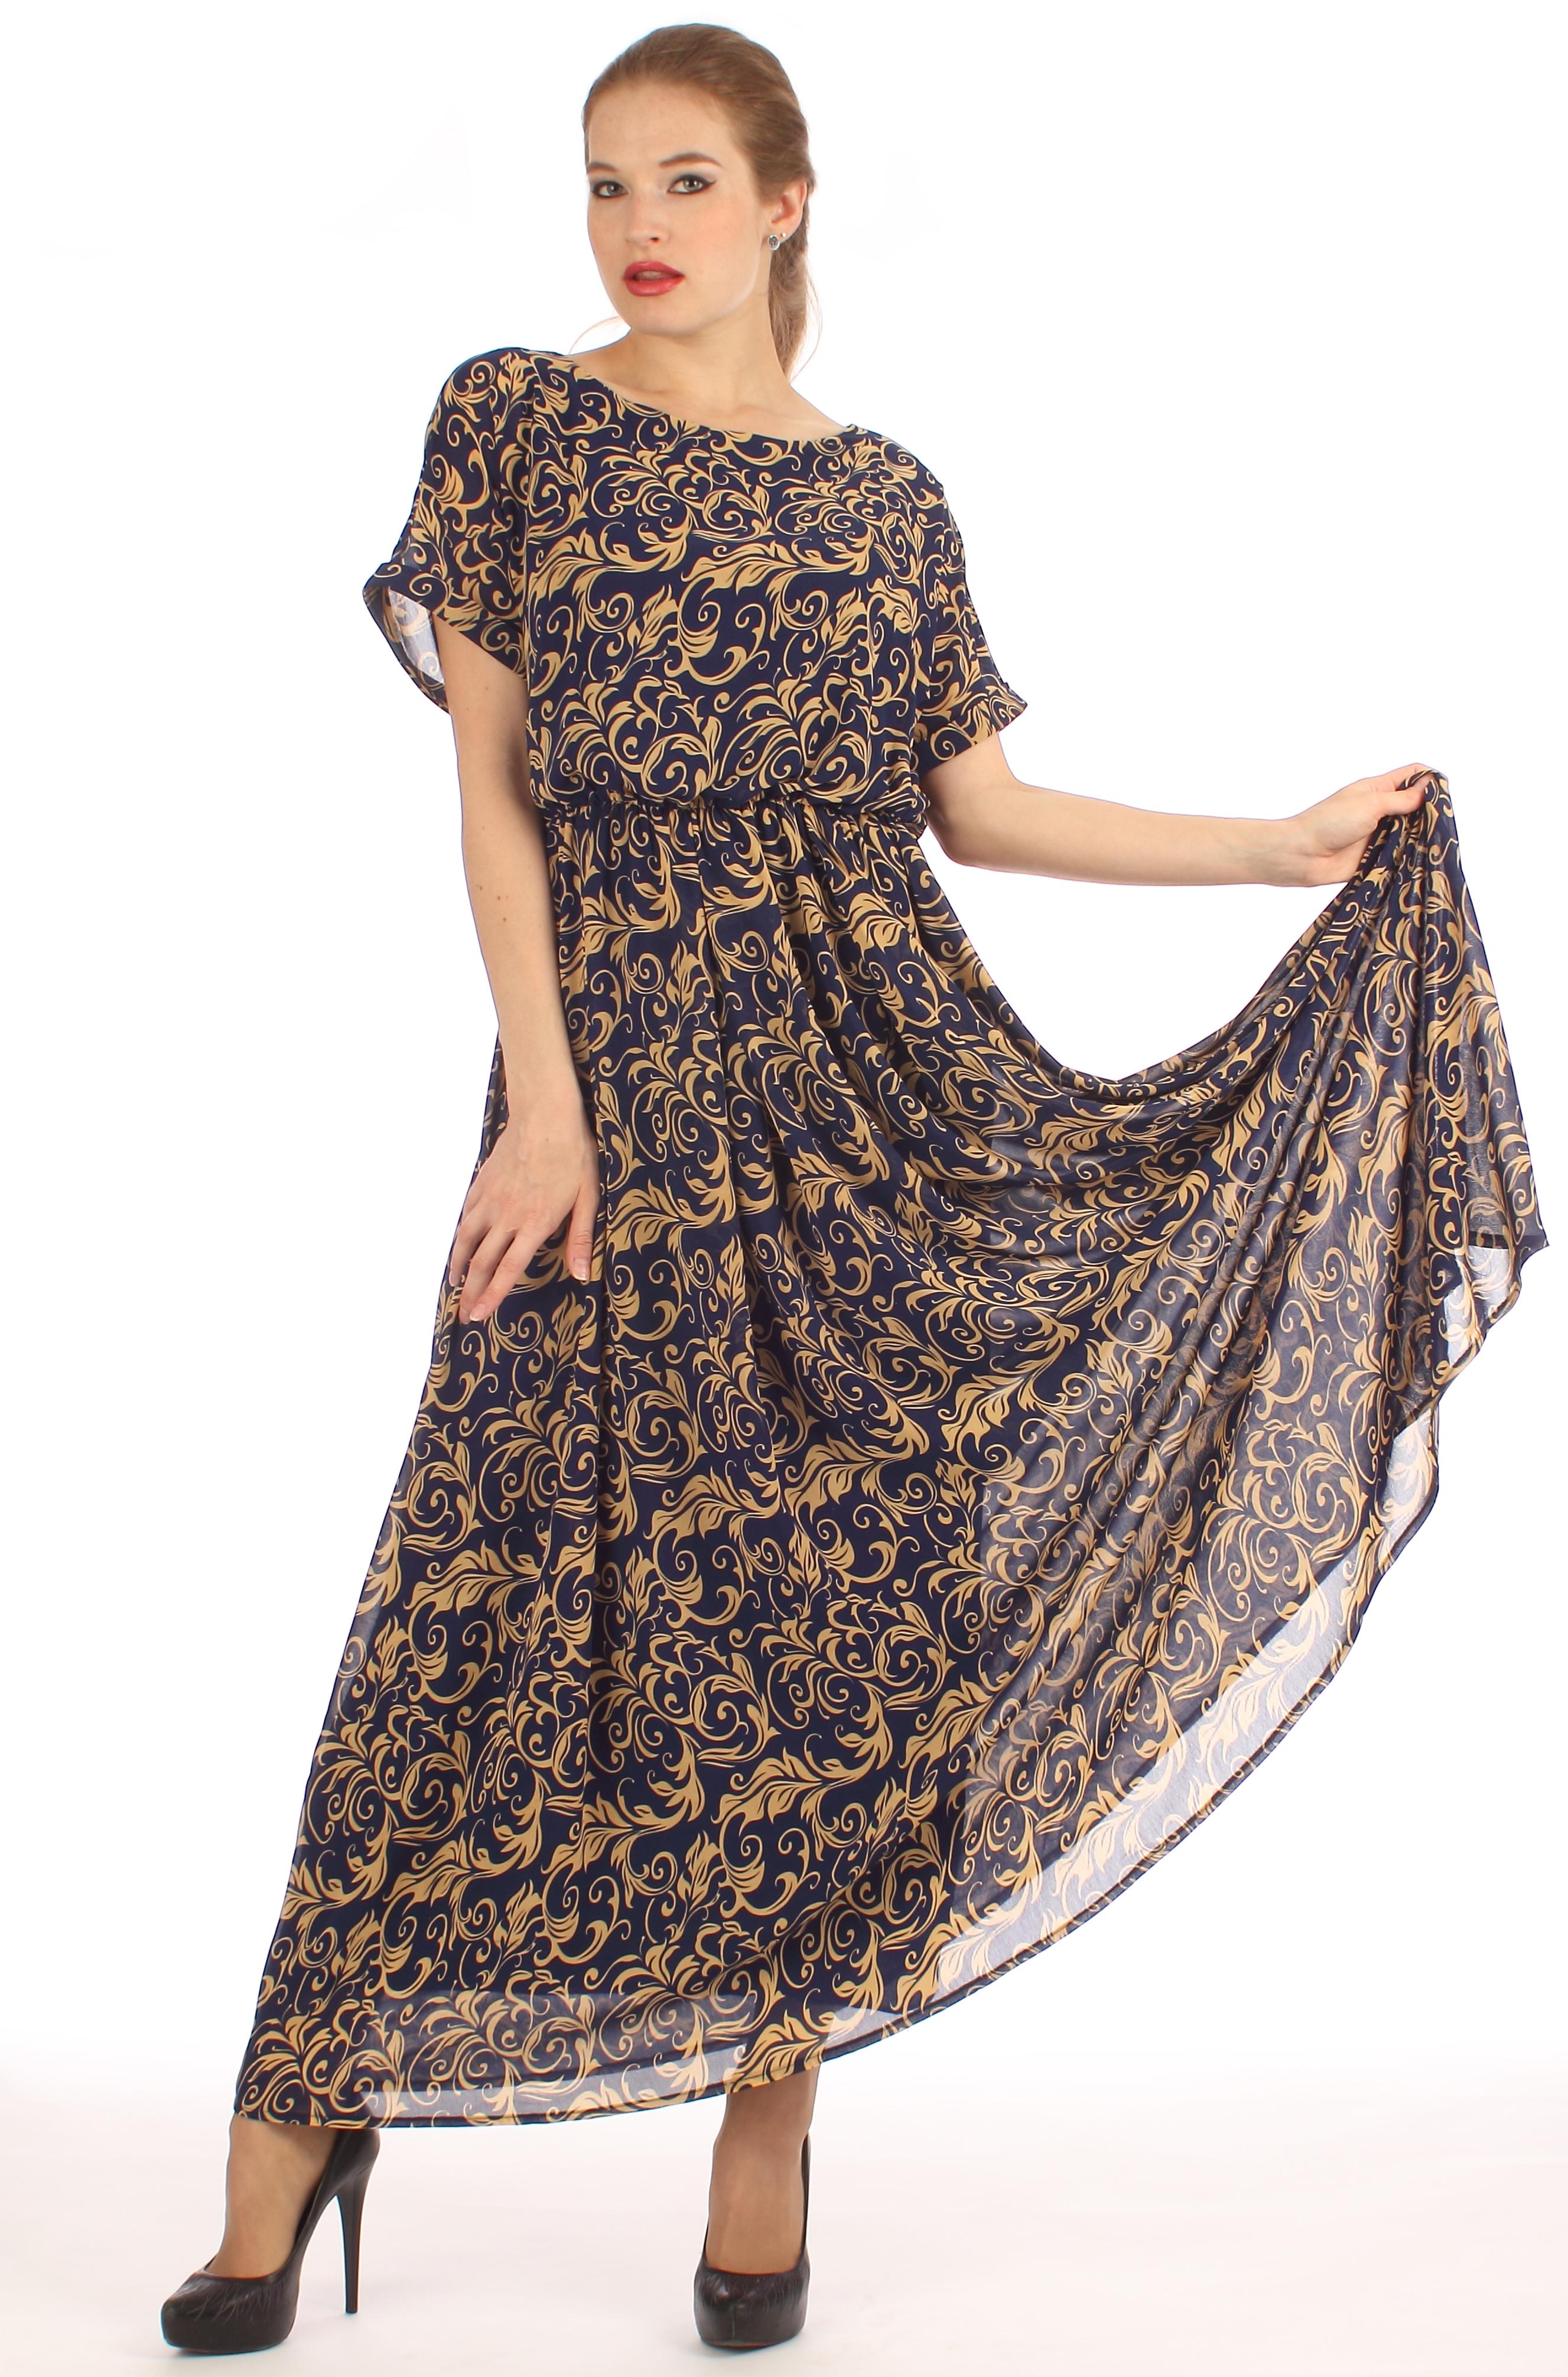 волшебство шифоновых платьев платья из шифона фото апреля вся страна